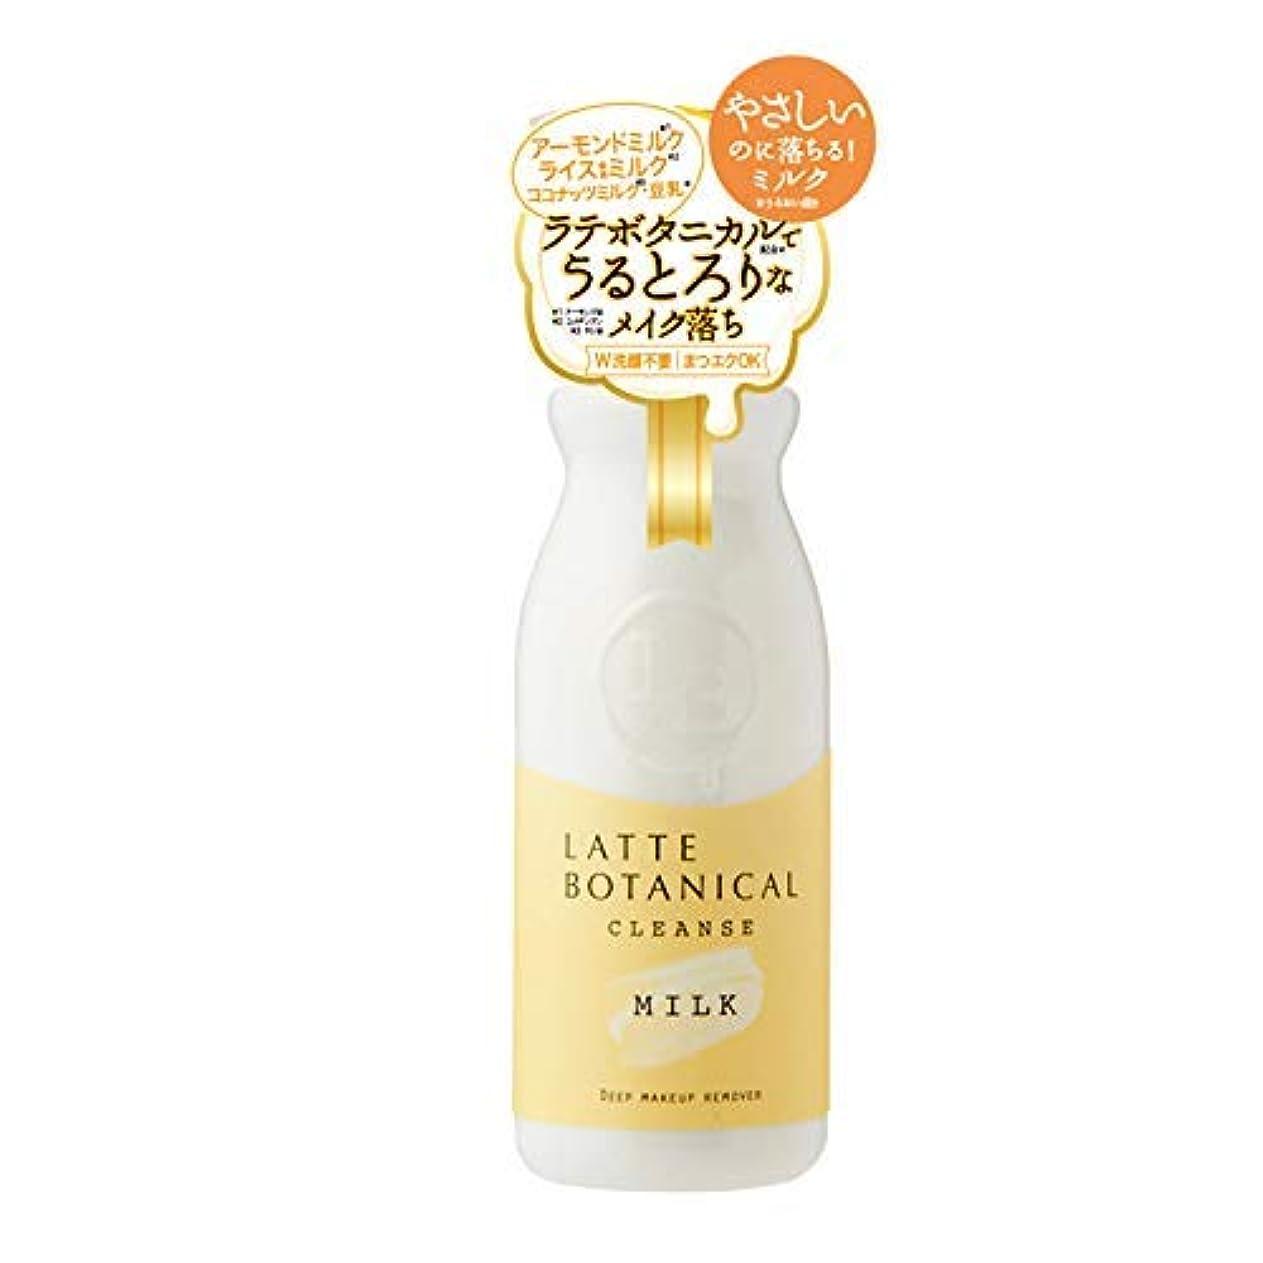 ジャズ樫の木落胆させるラテボタニカル クレンズミルク × 15個セット